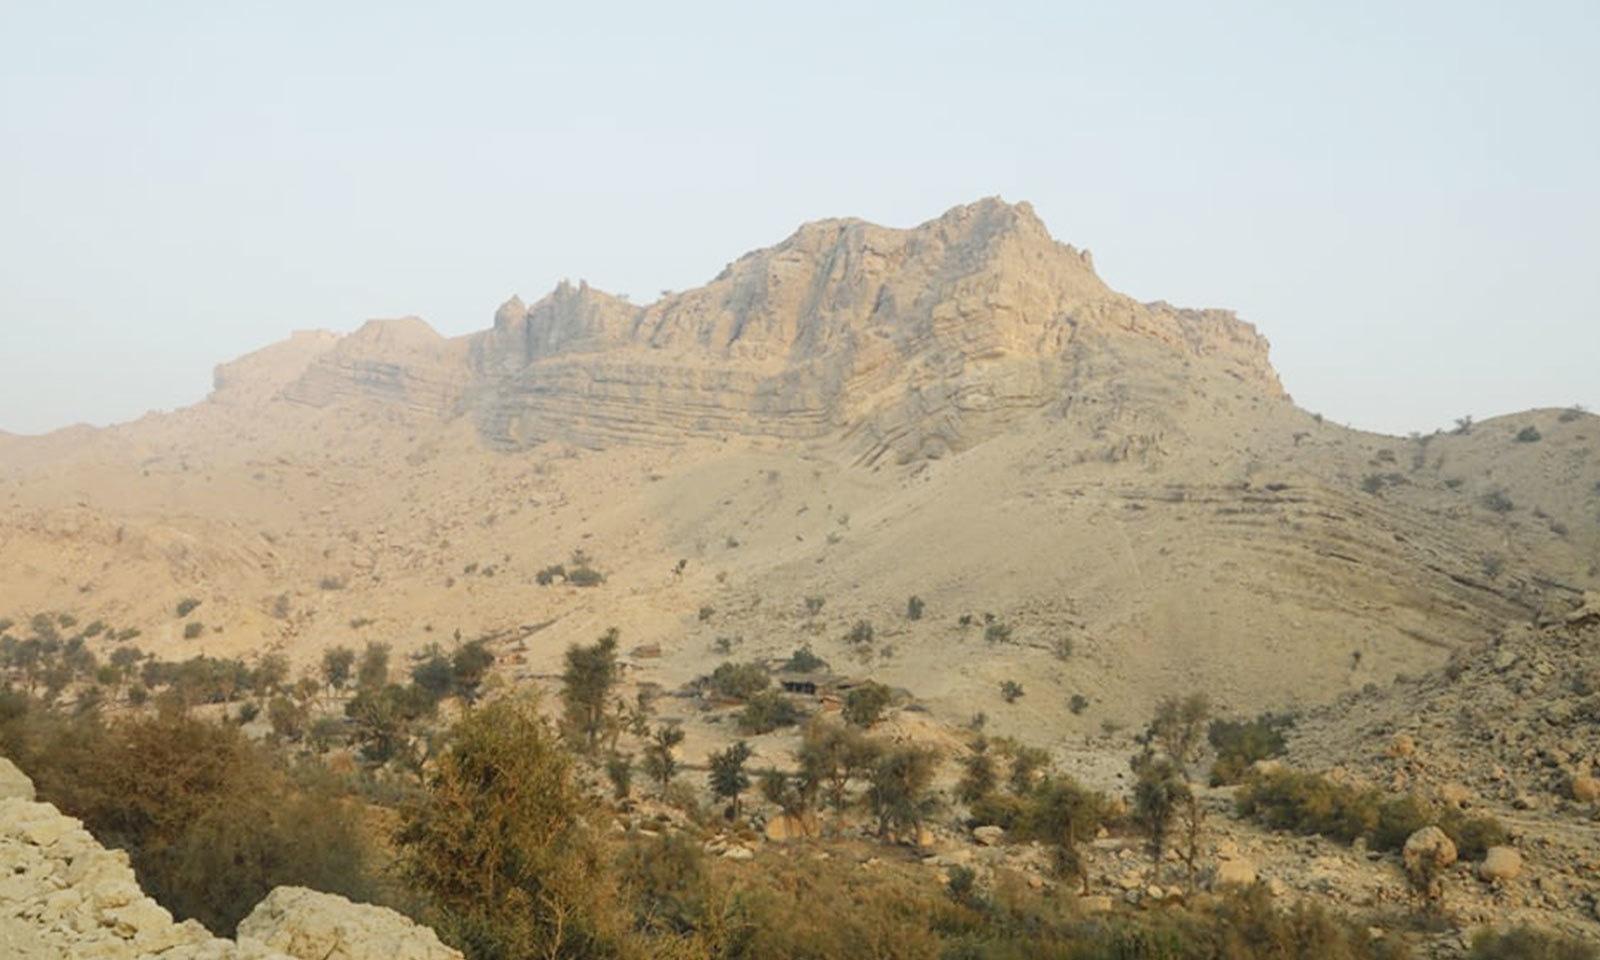 قلعے کے گرد بعض پہاڑوں کی بلندی 2 ہزار میٹر سے بھی زائد ہے—فوٹو: شفقت حسین